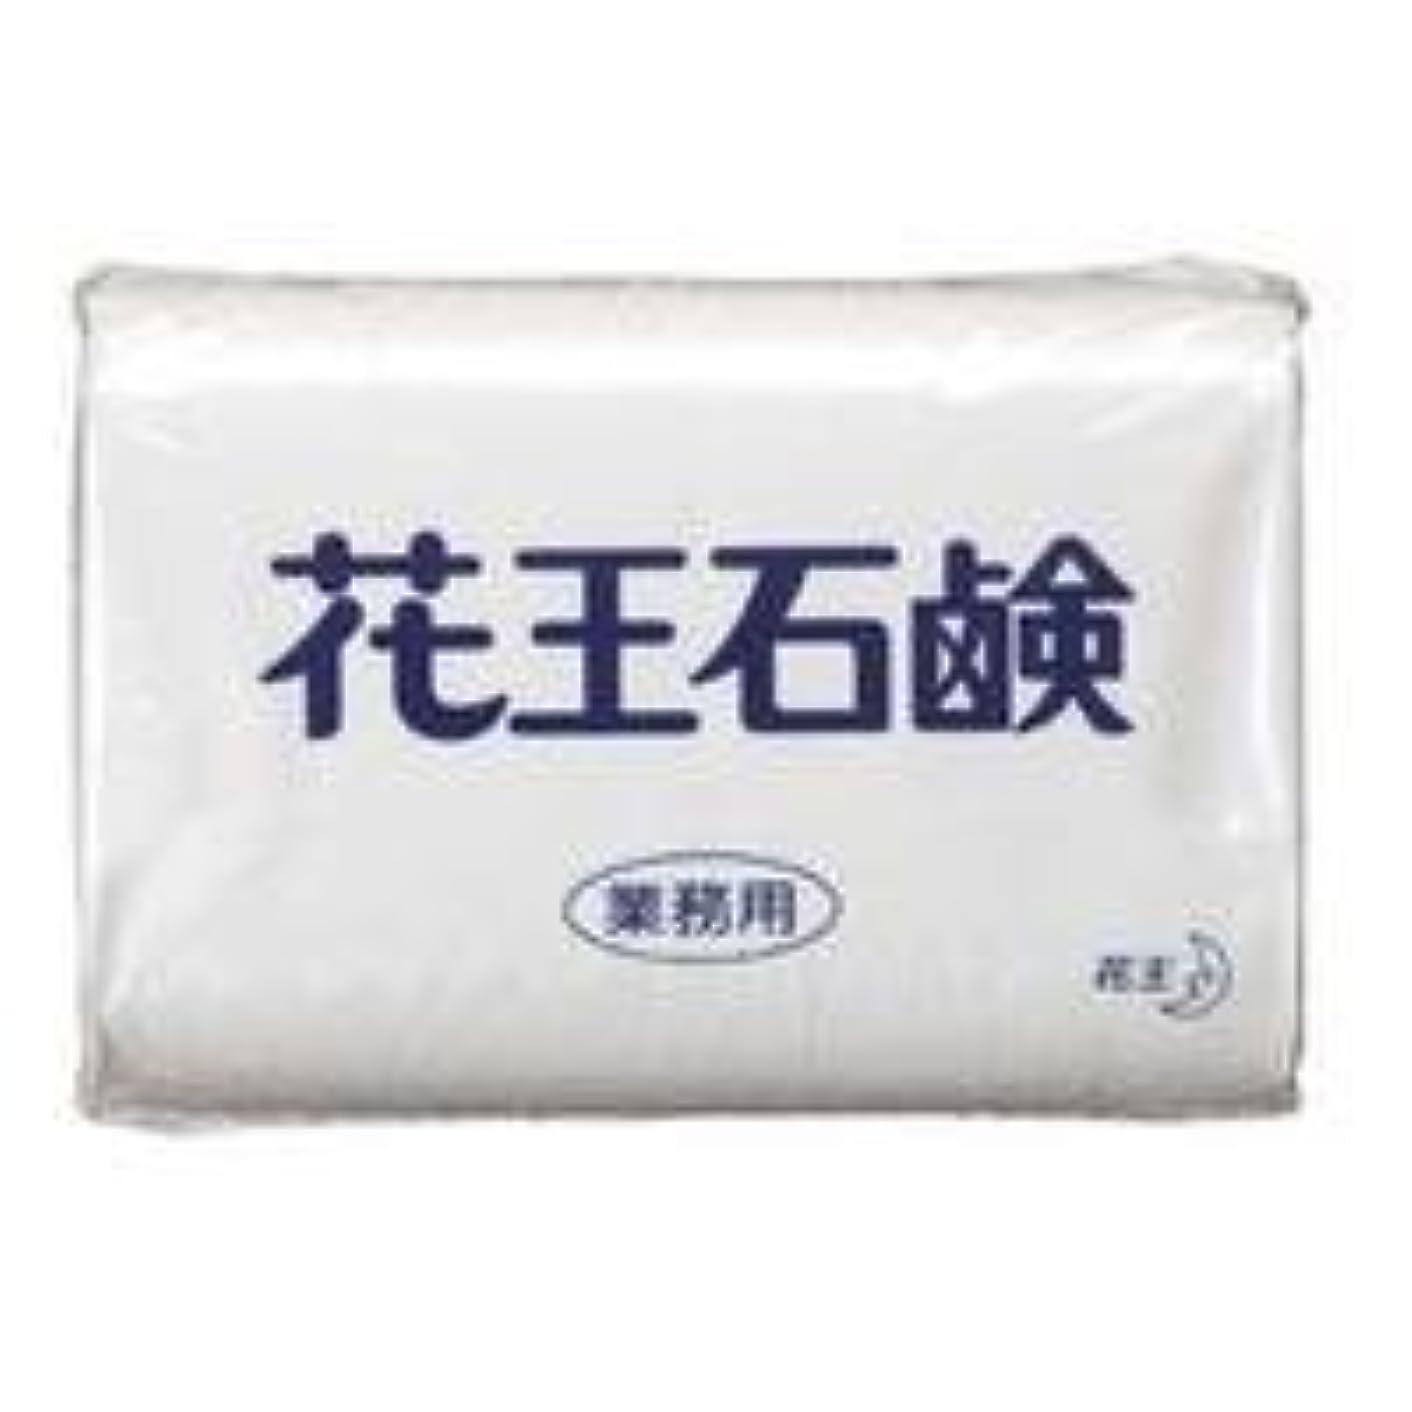 悪質なバドミントン捕虜業務用石鹸 85g 3個×40パック(120個入り)